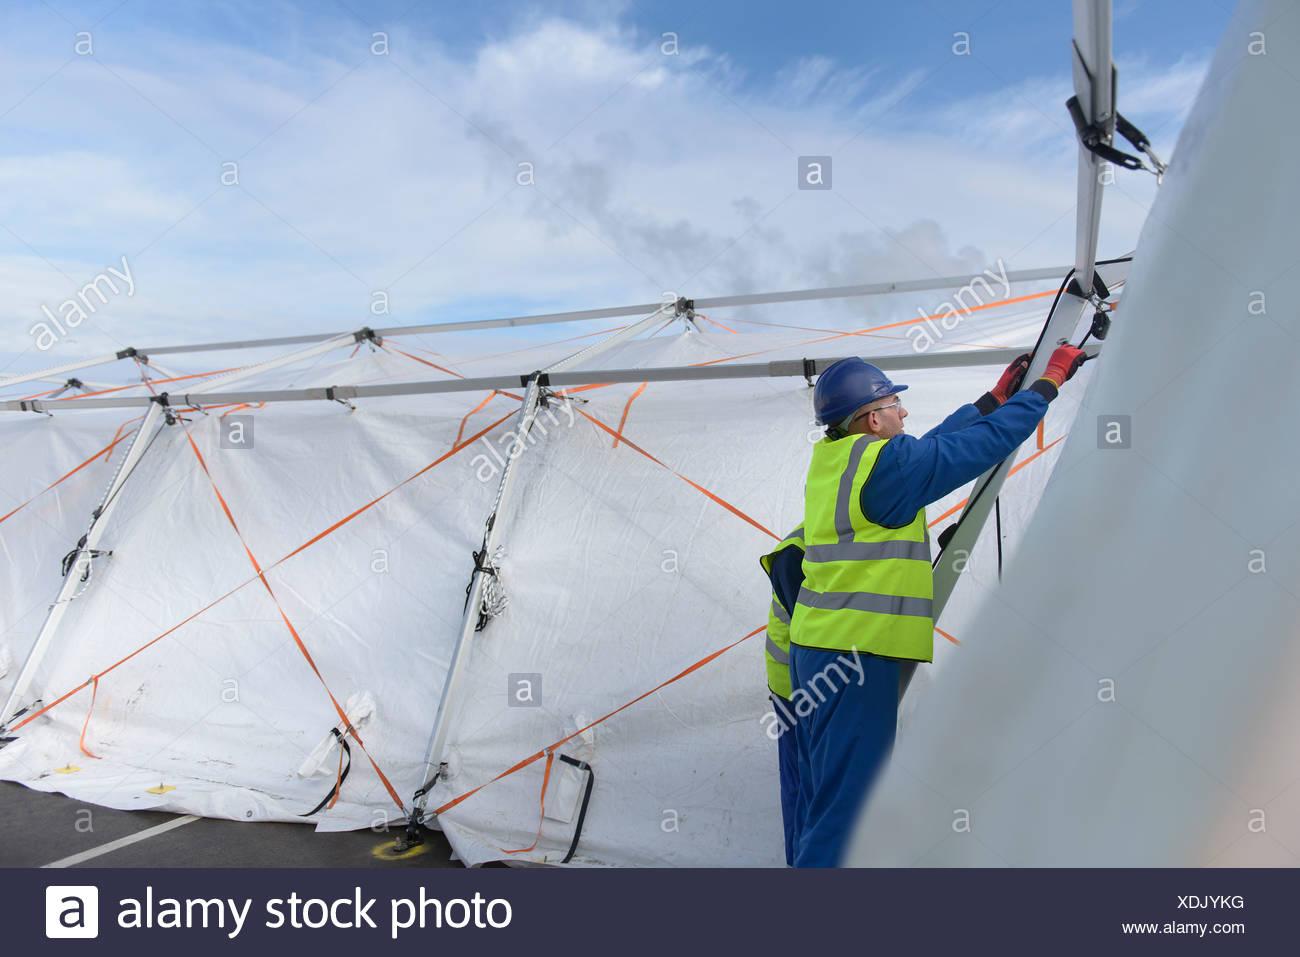 Il team di risposta alle emergenze lavoratori erigere tenda centro di controllo Immagini Stock